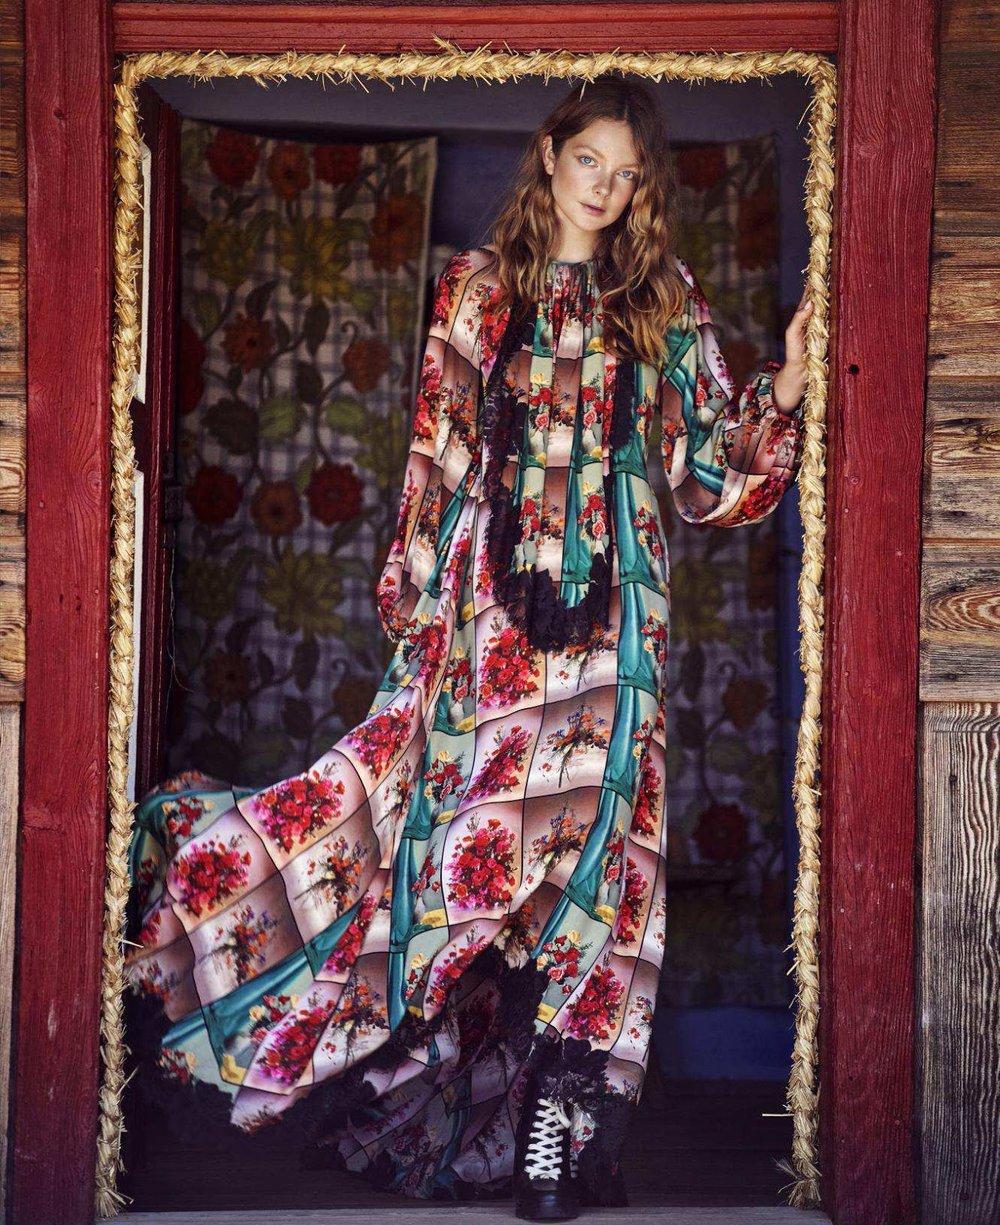 Eniko Mihalik by Marcin Tyszka for Harper's Bazaar US (12).jpg